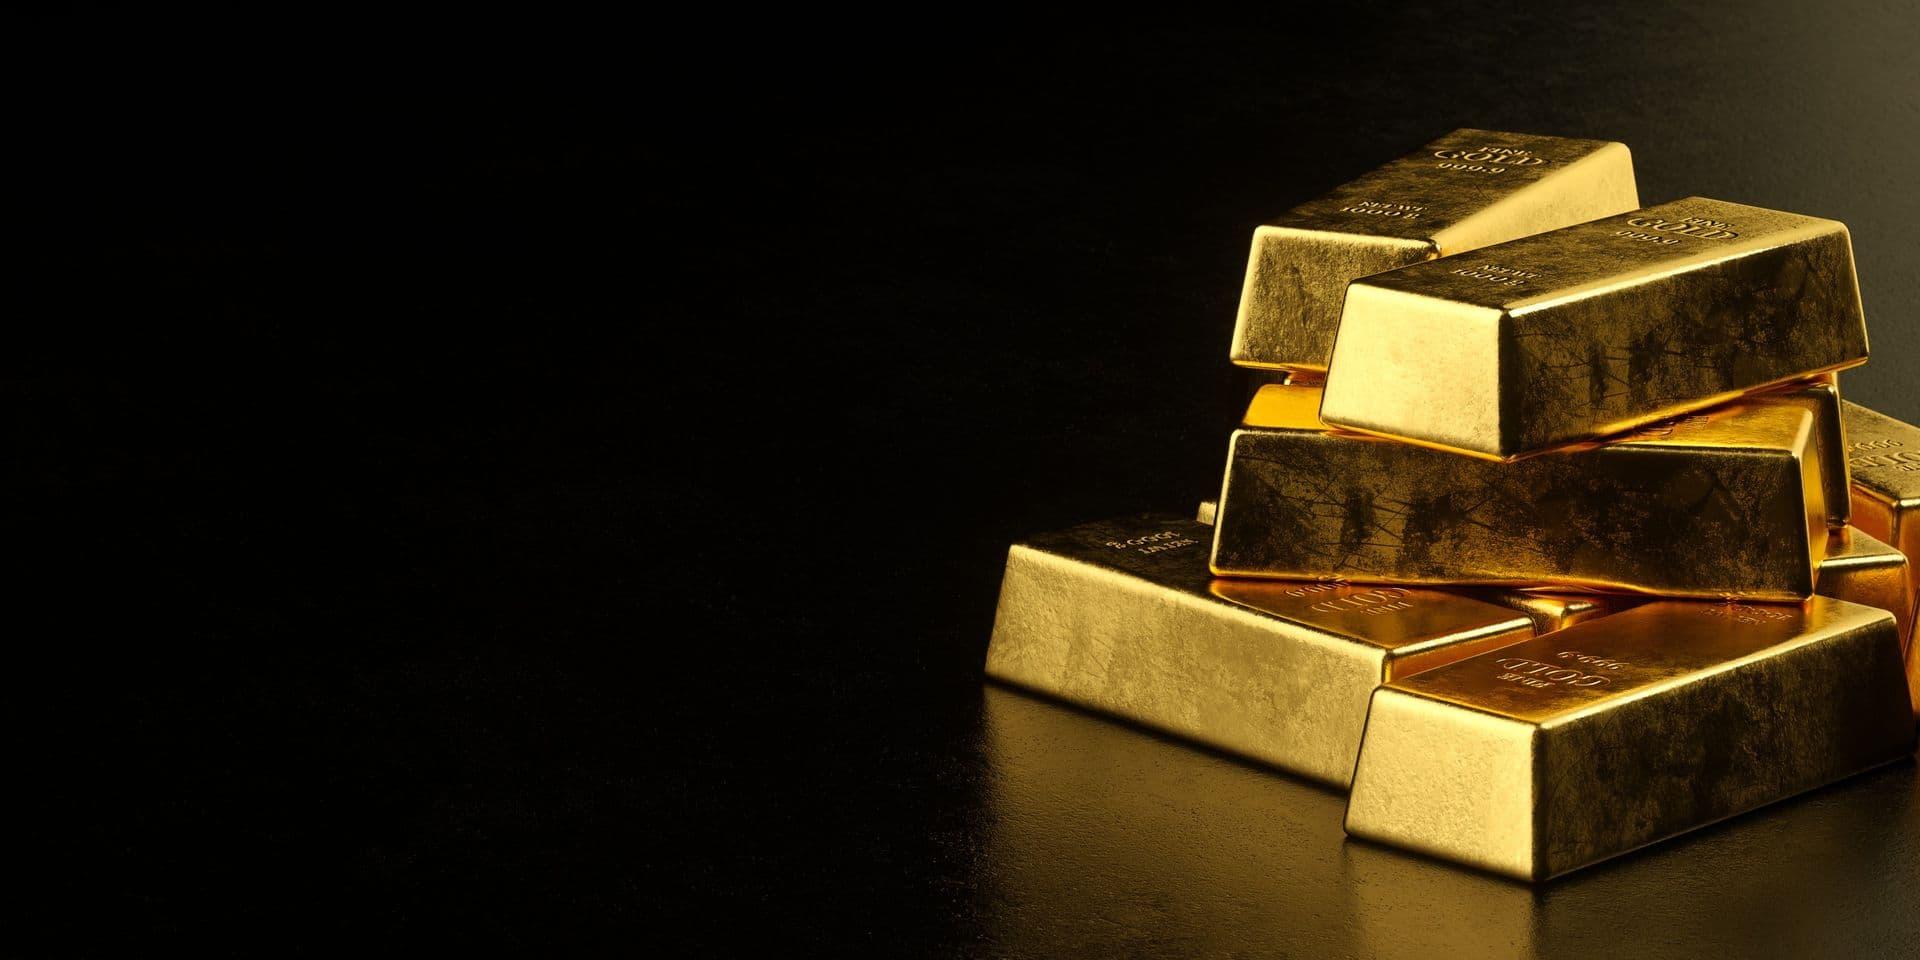 La demande mondiale d'or recule de 23 %